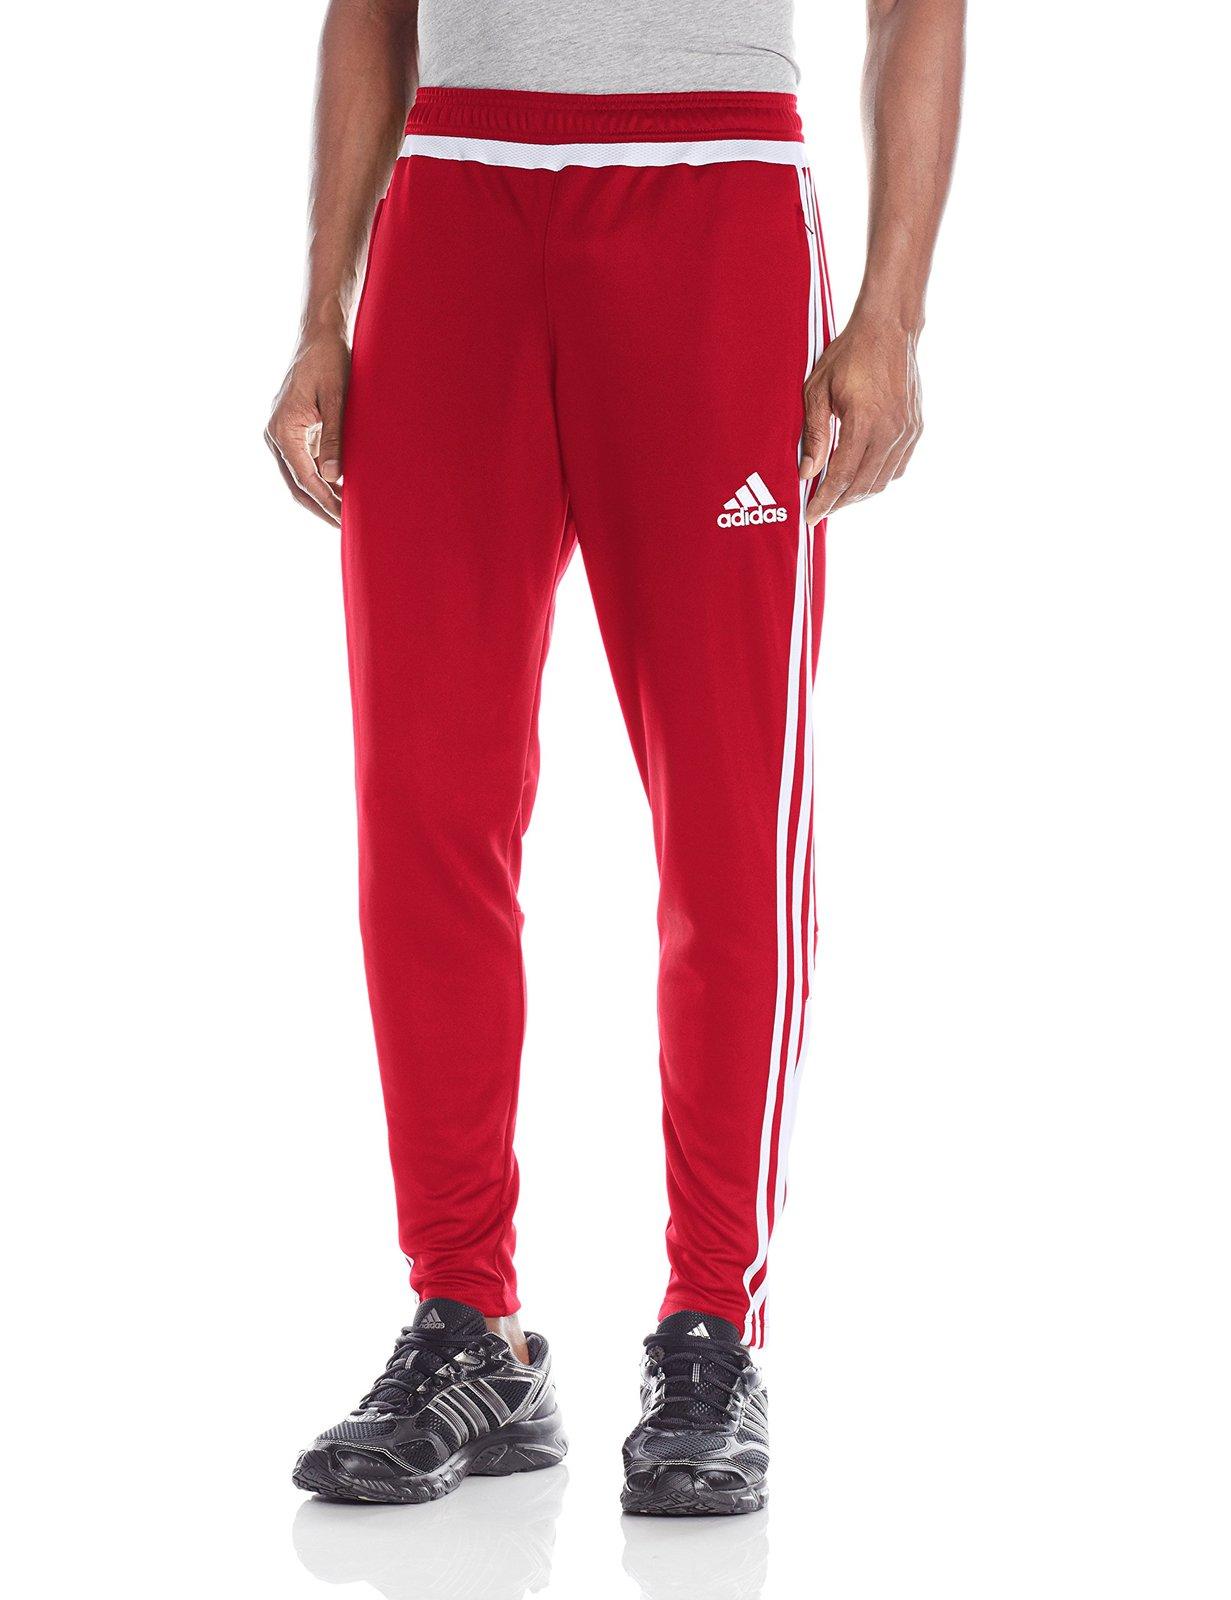 złapać wybór premium duża zniżka adidas Performance Men's Tiro 15 Training Pants, Red, Small